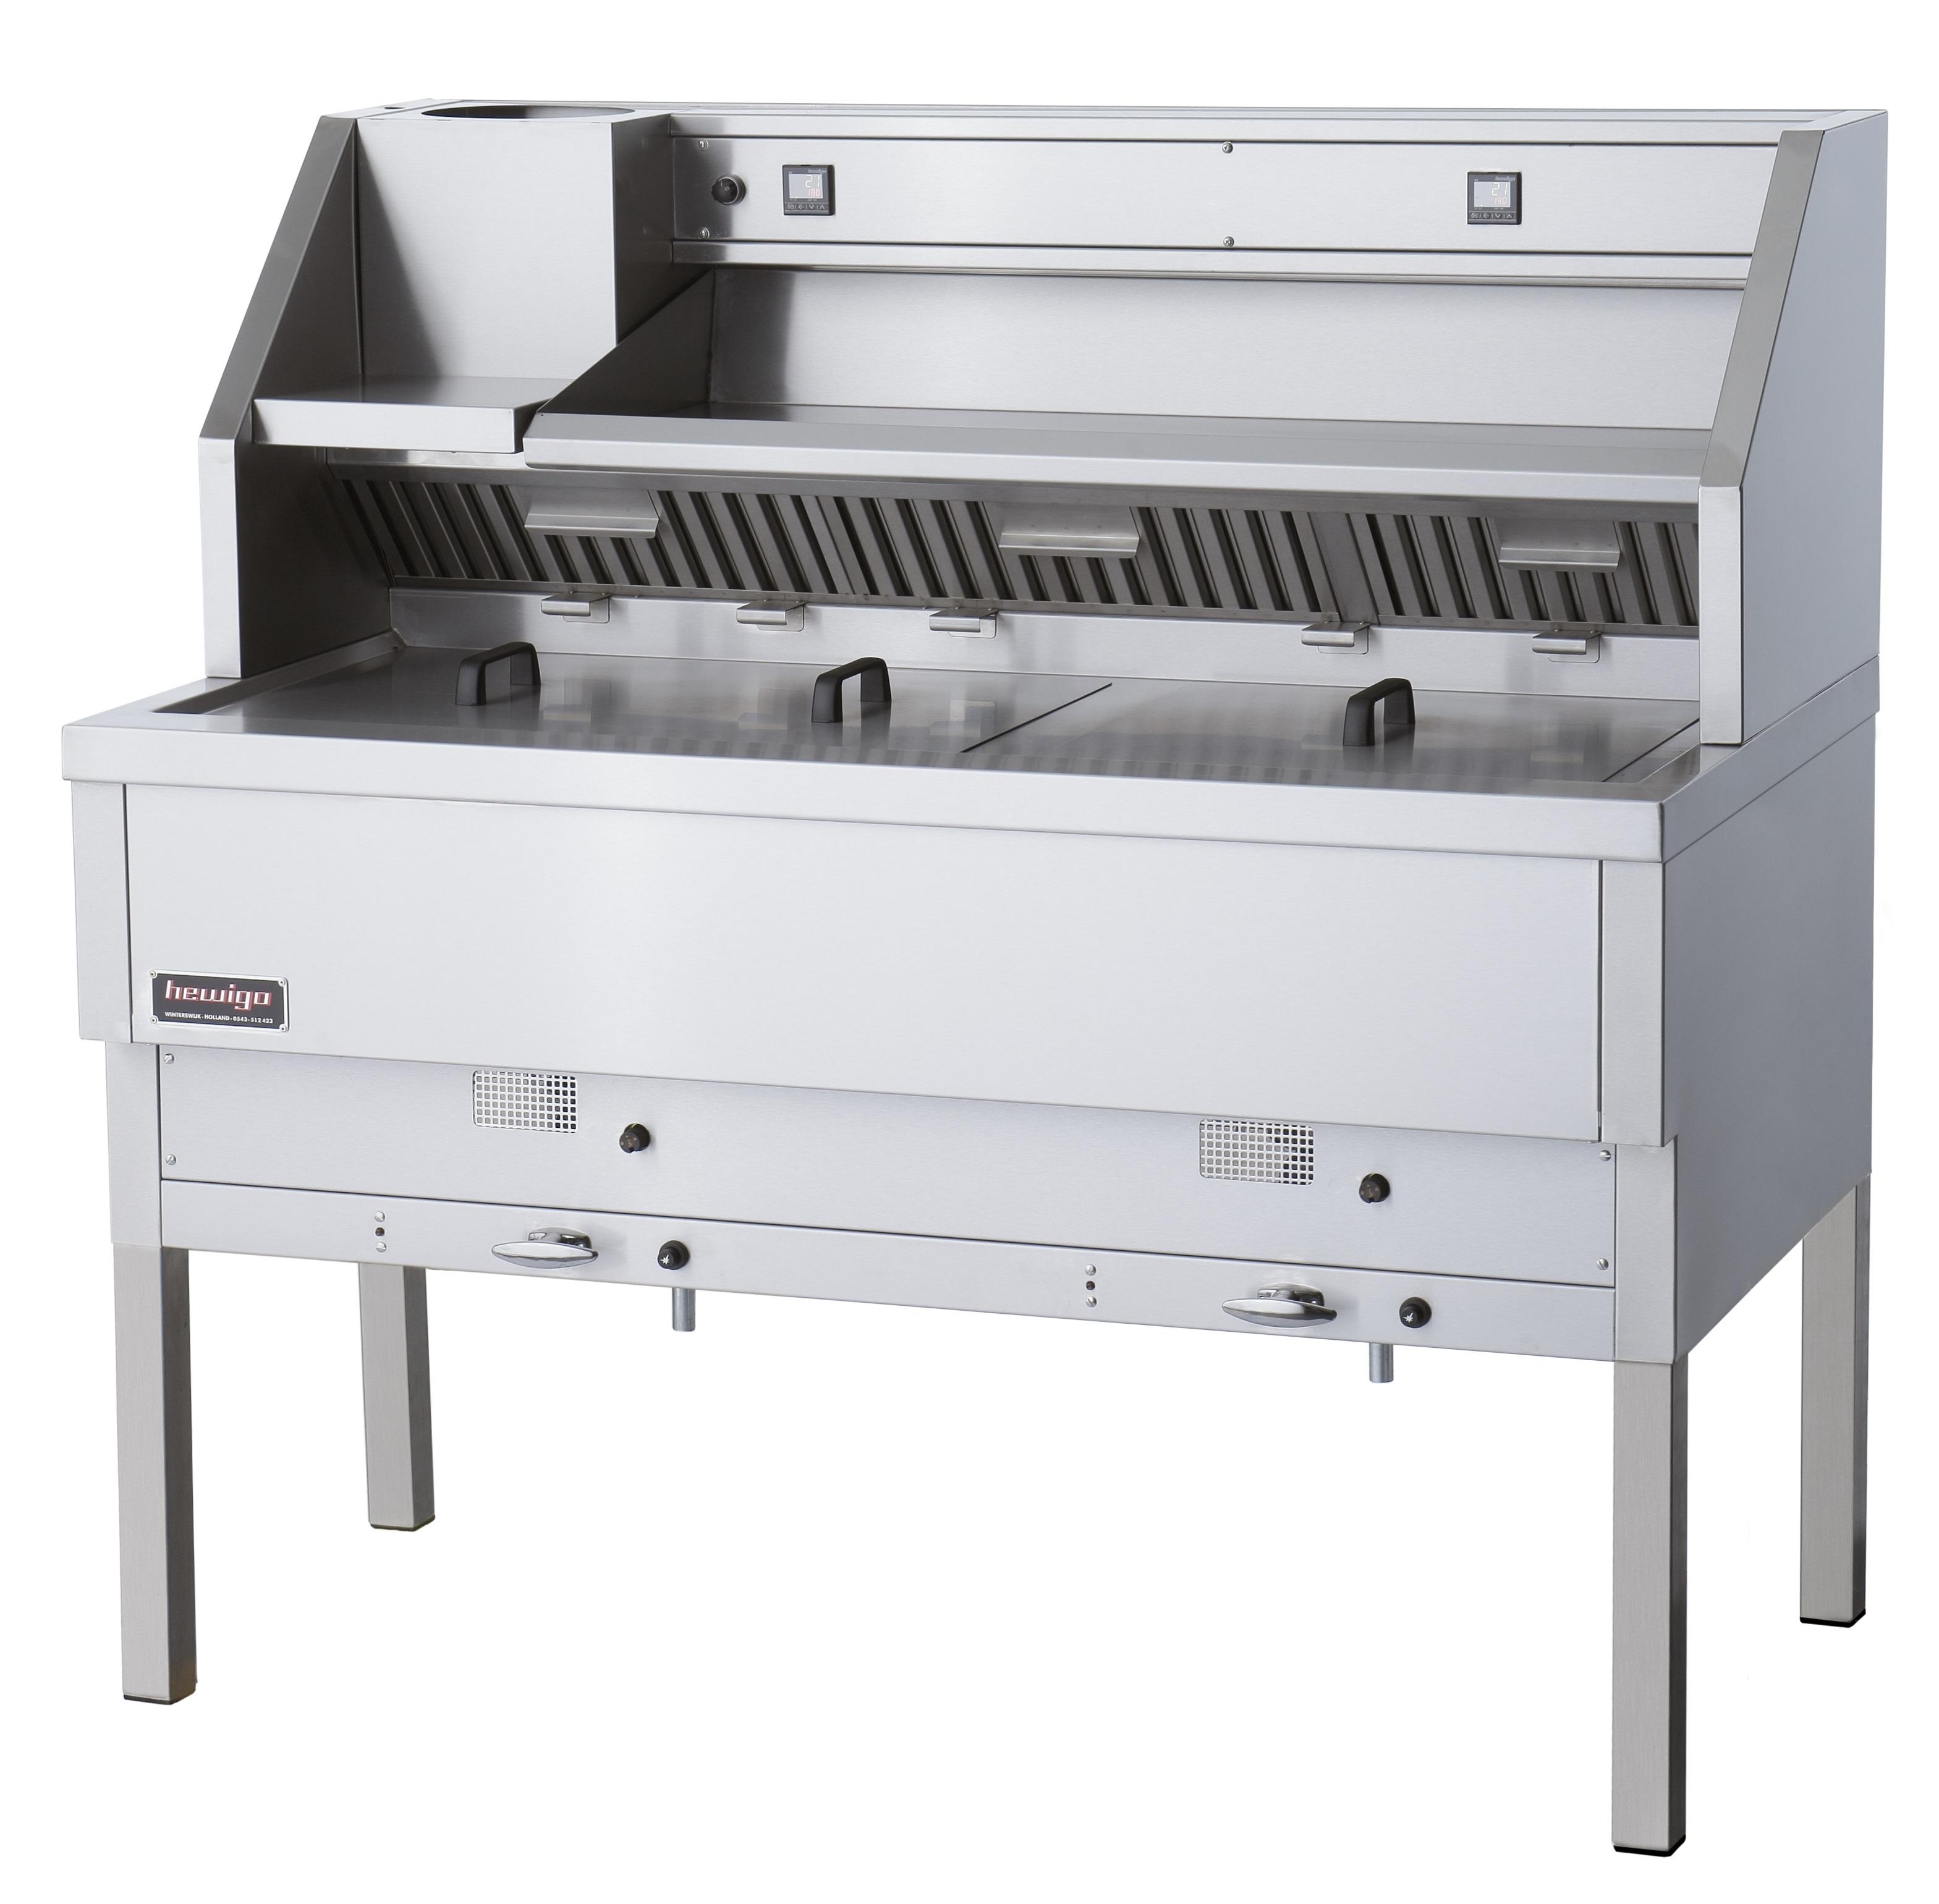 standaard oven op statief Hewigo